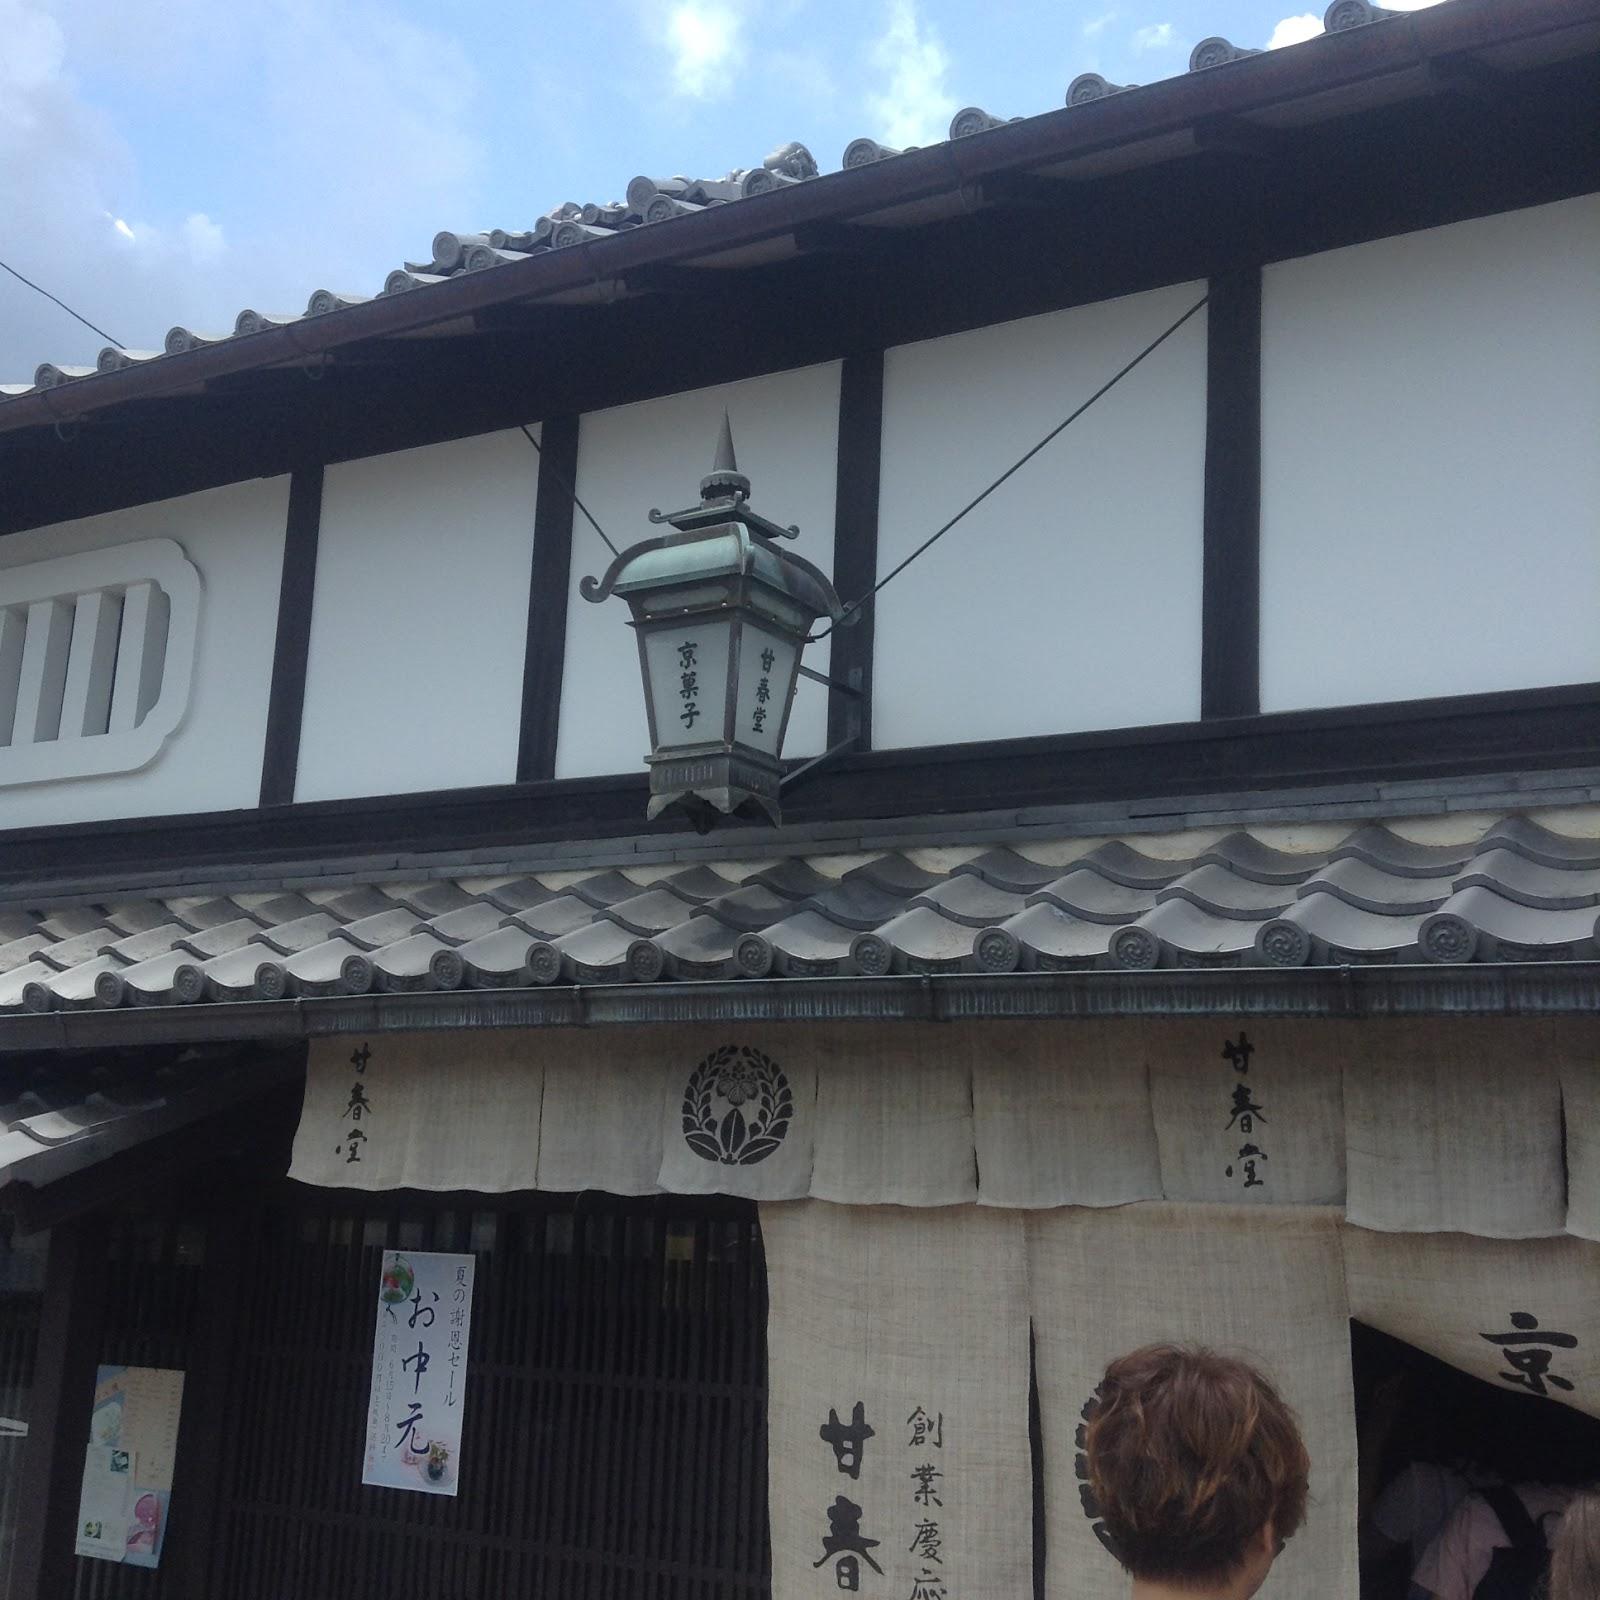 Kanshundo kyoto